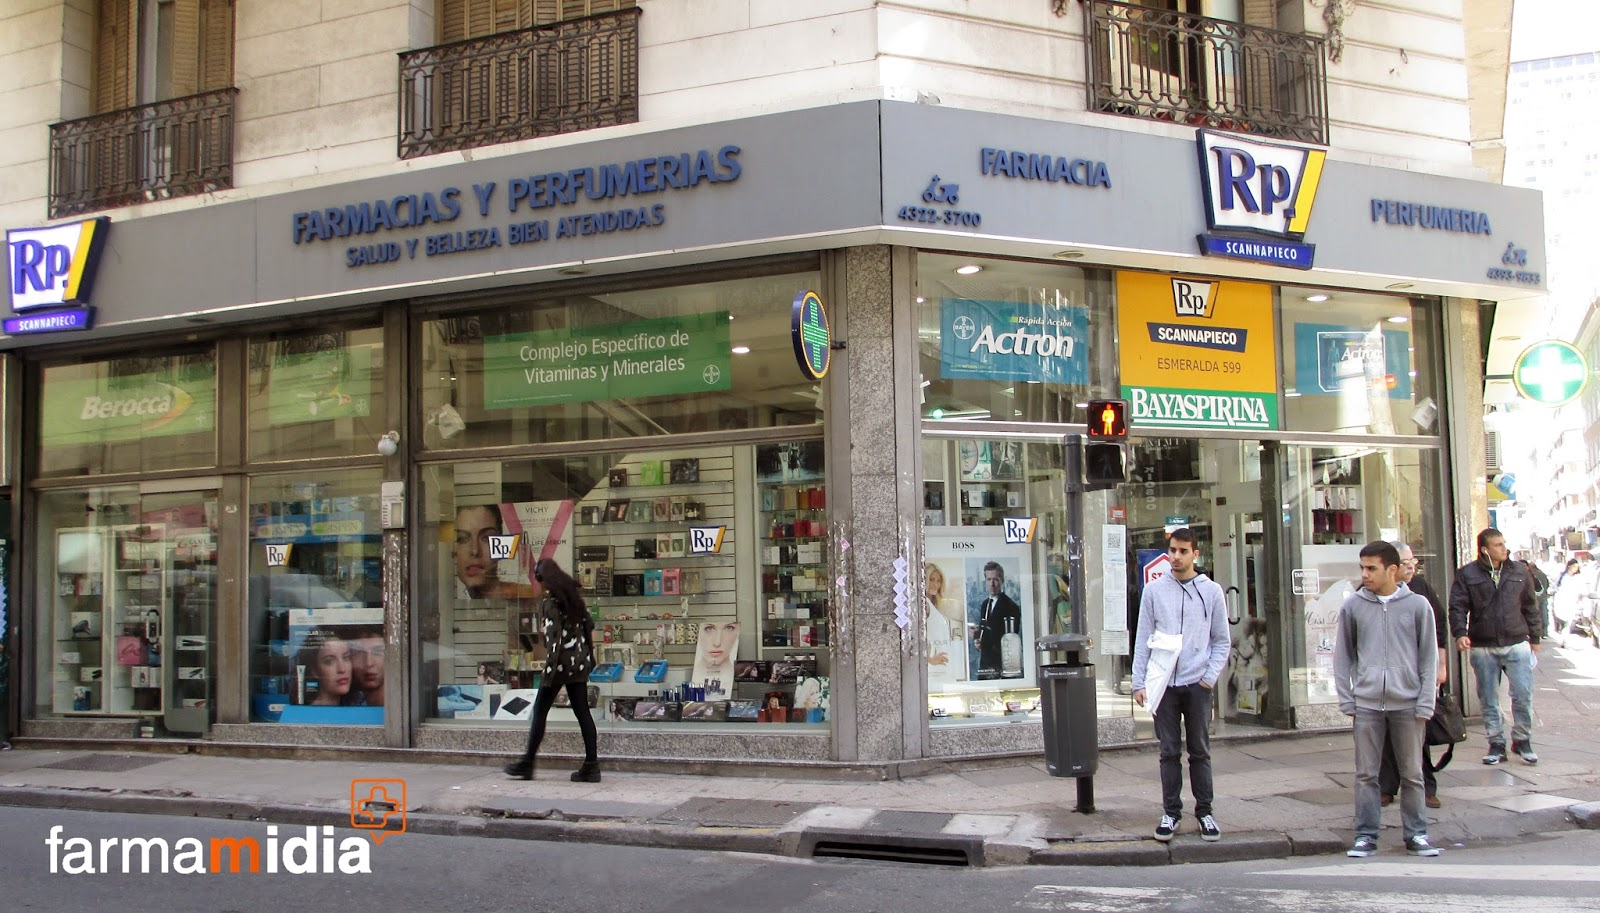 f52157846fb Farmacias RP en el Circuito 1 de Farmamidia